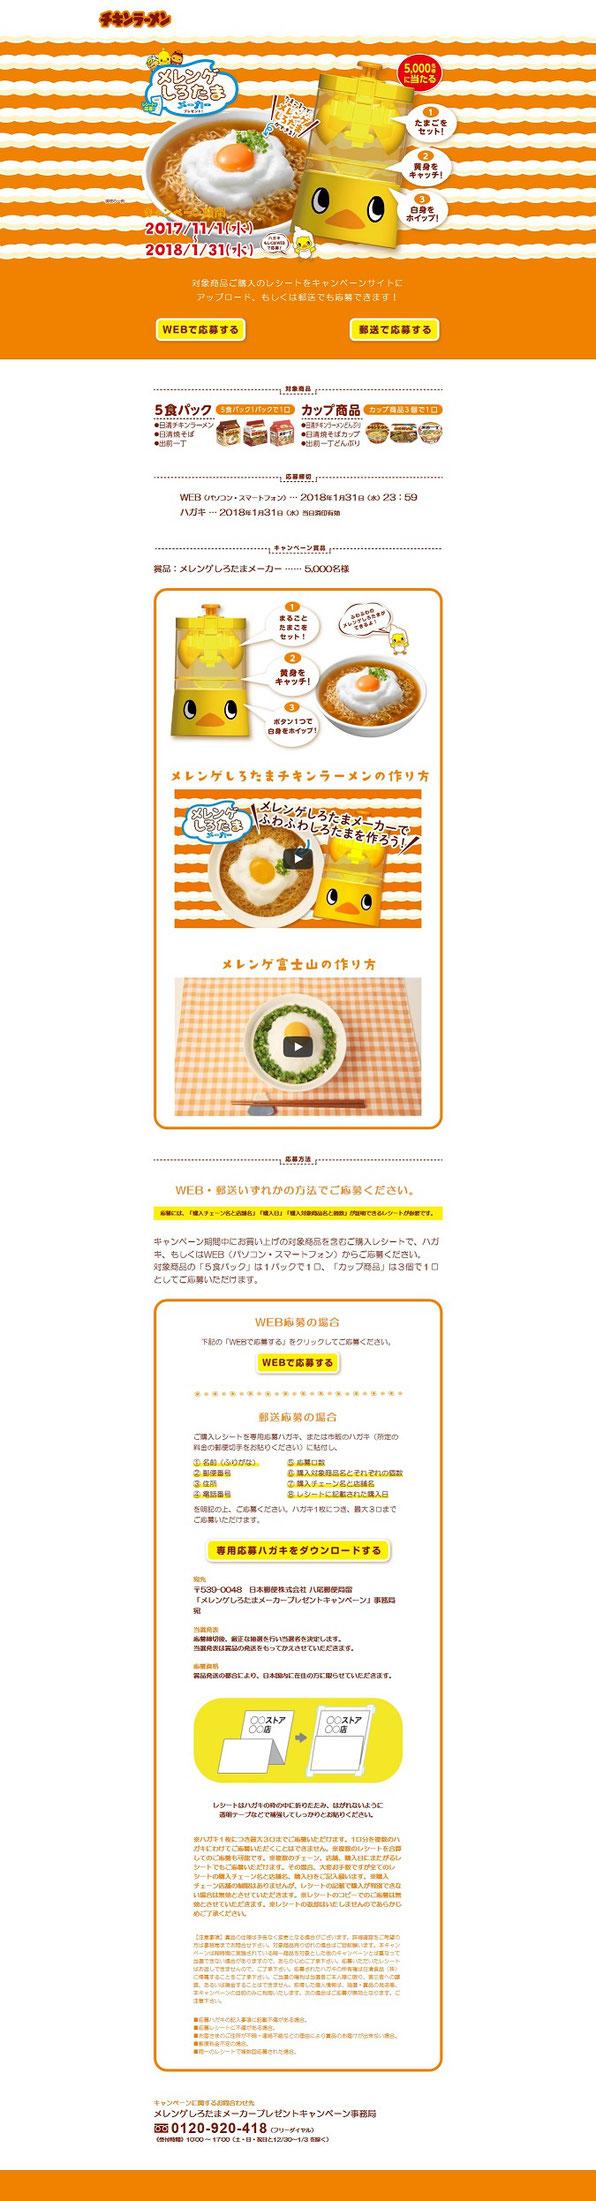 【日清食品】チキンラーメン メレンゲしろたまメーカープレゼントキャンペーン